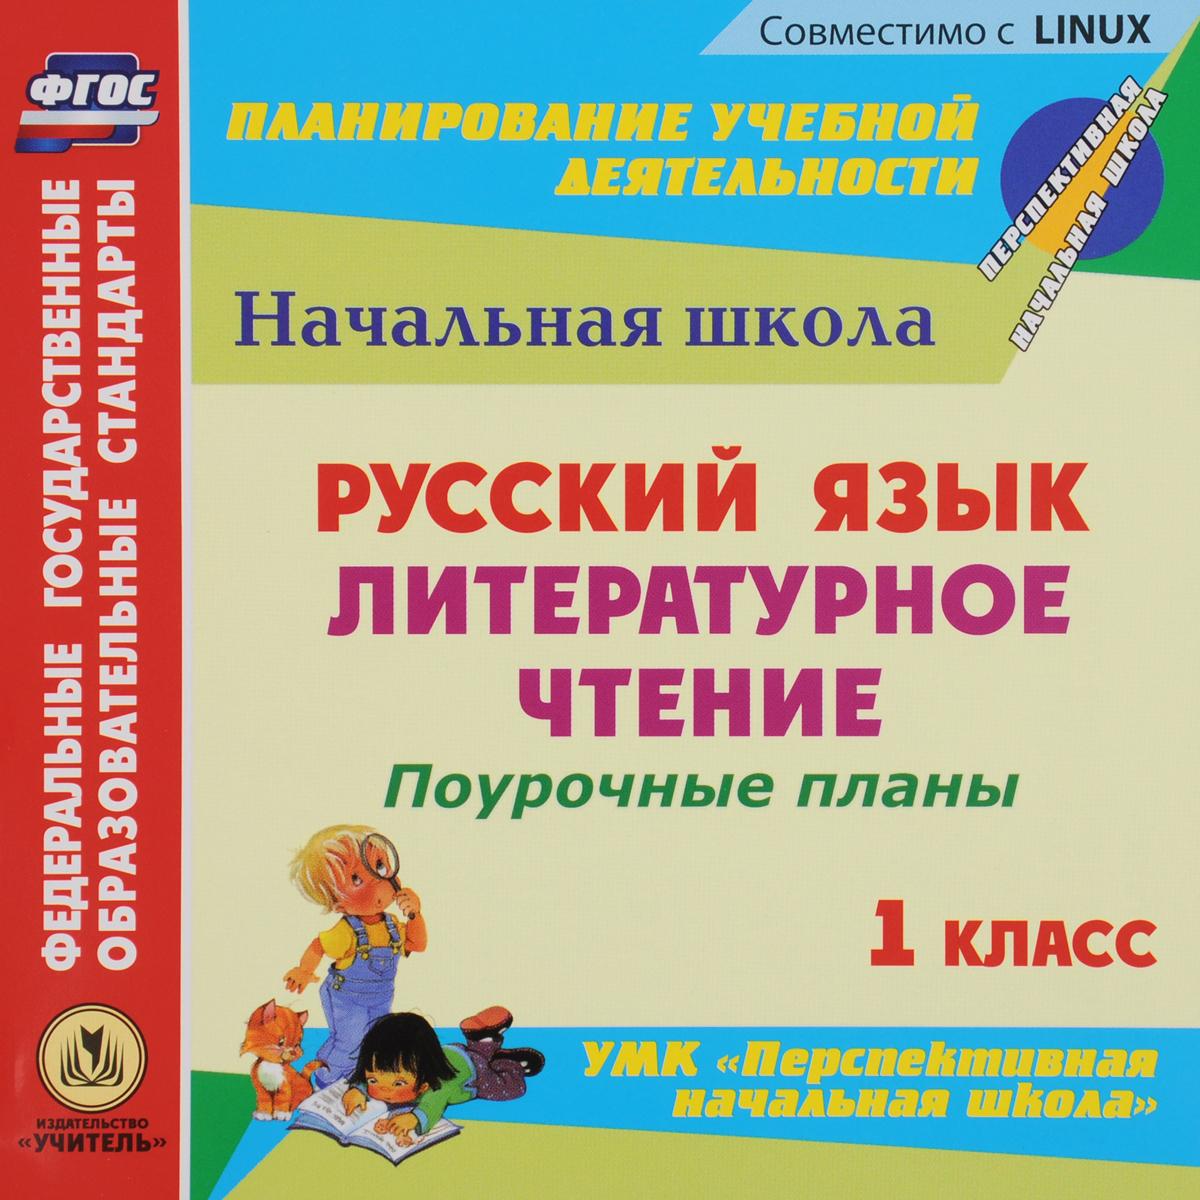 Русский язык. Литературное чтение. 1 класс: поурочные планы к УМК